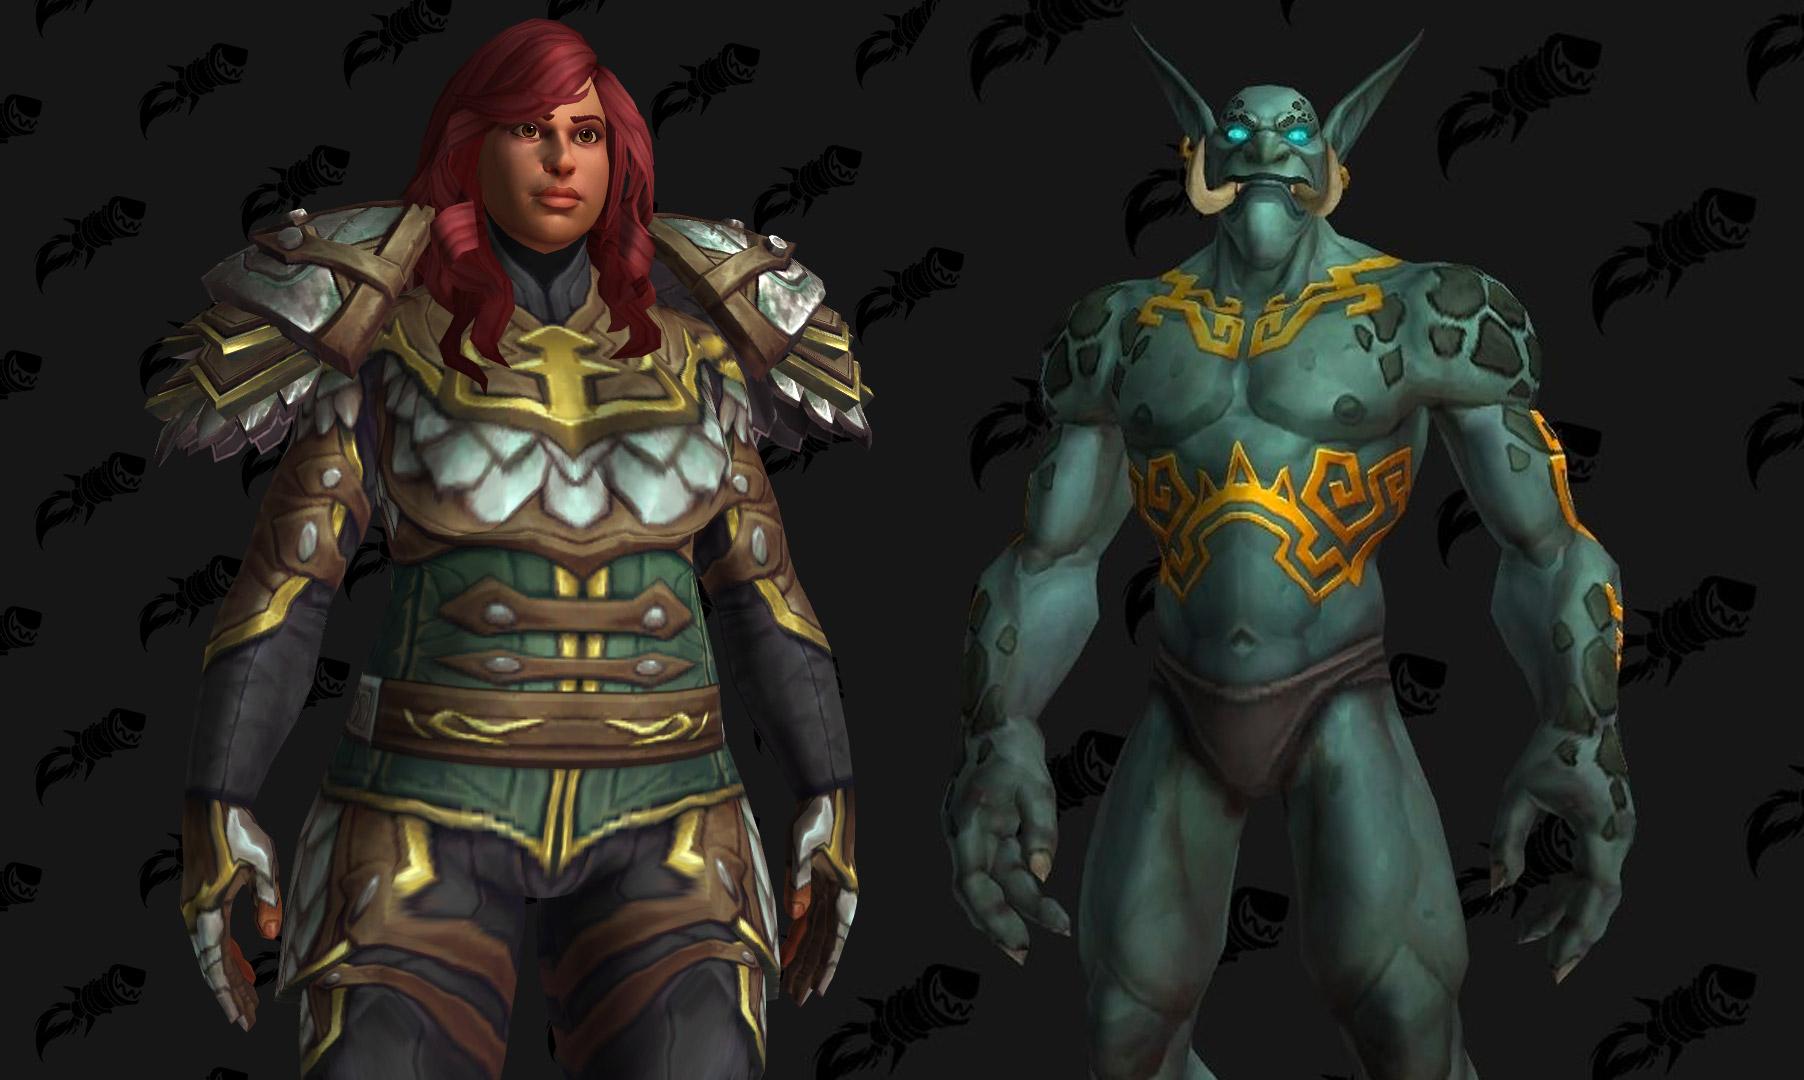 Les Kultirassiens et Trolls zandalari ne sont pas disponibles à la sortie de Battle for Azeroth